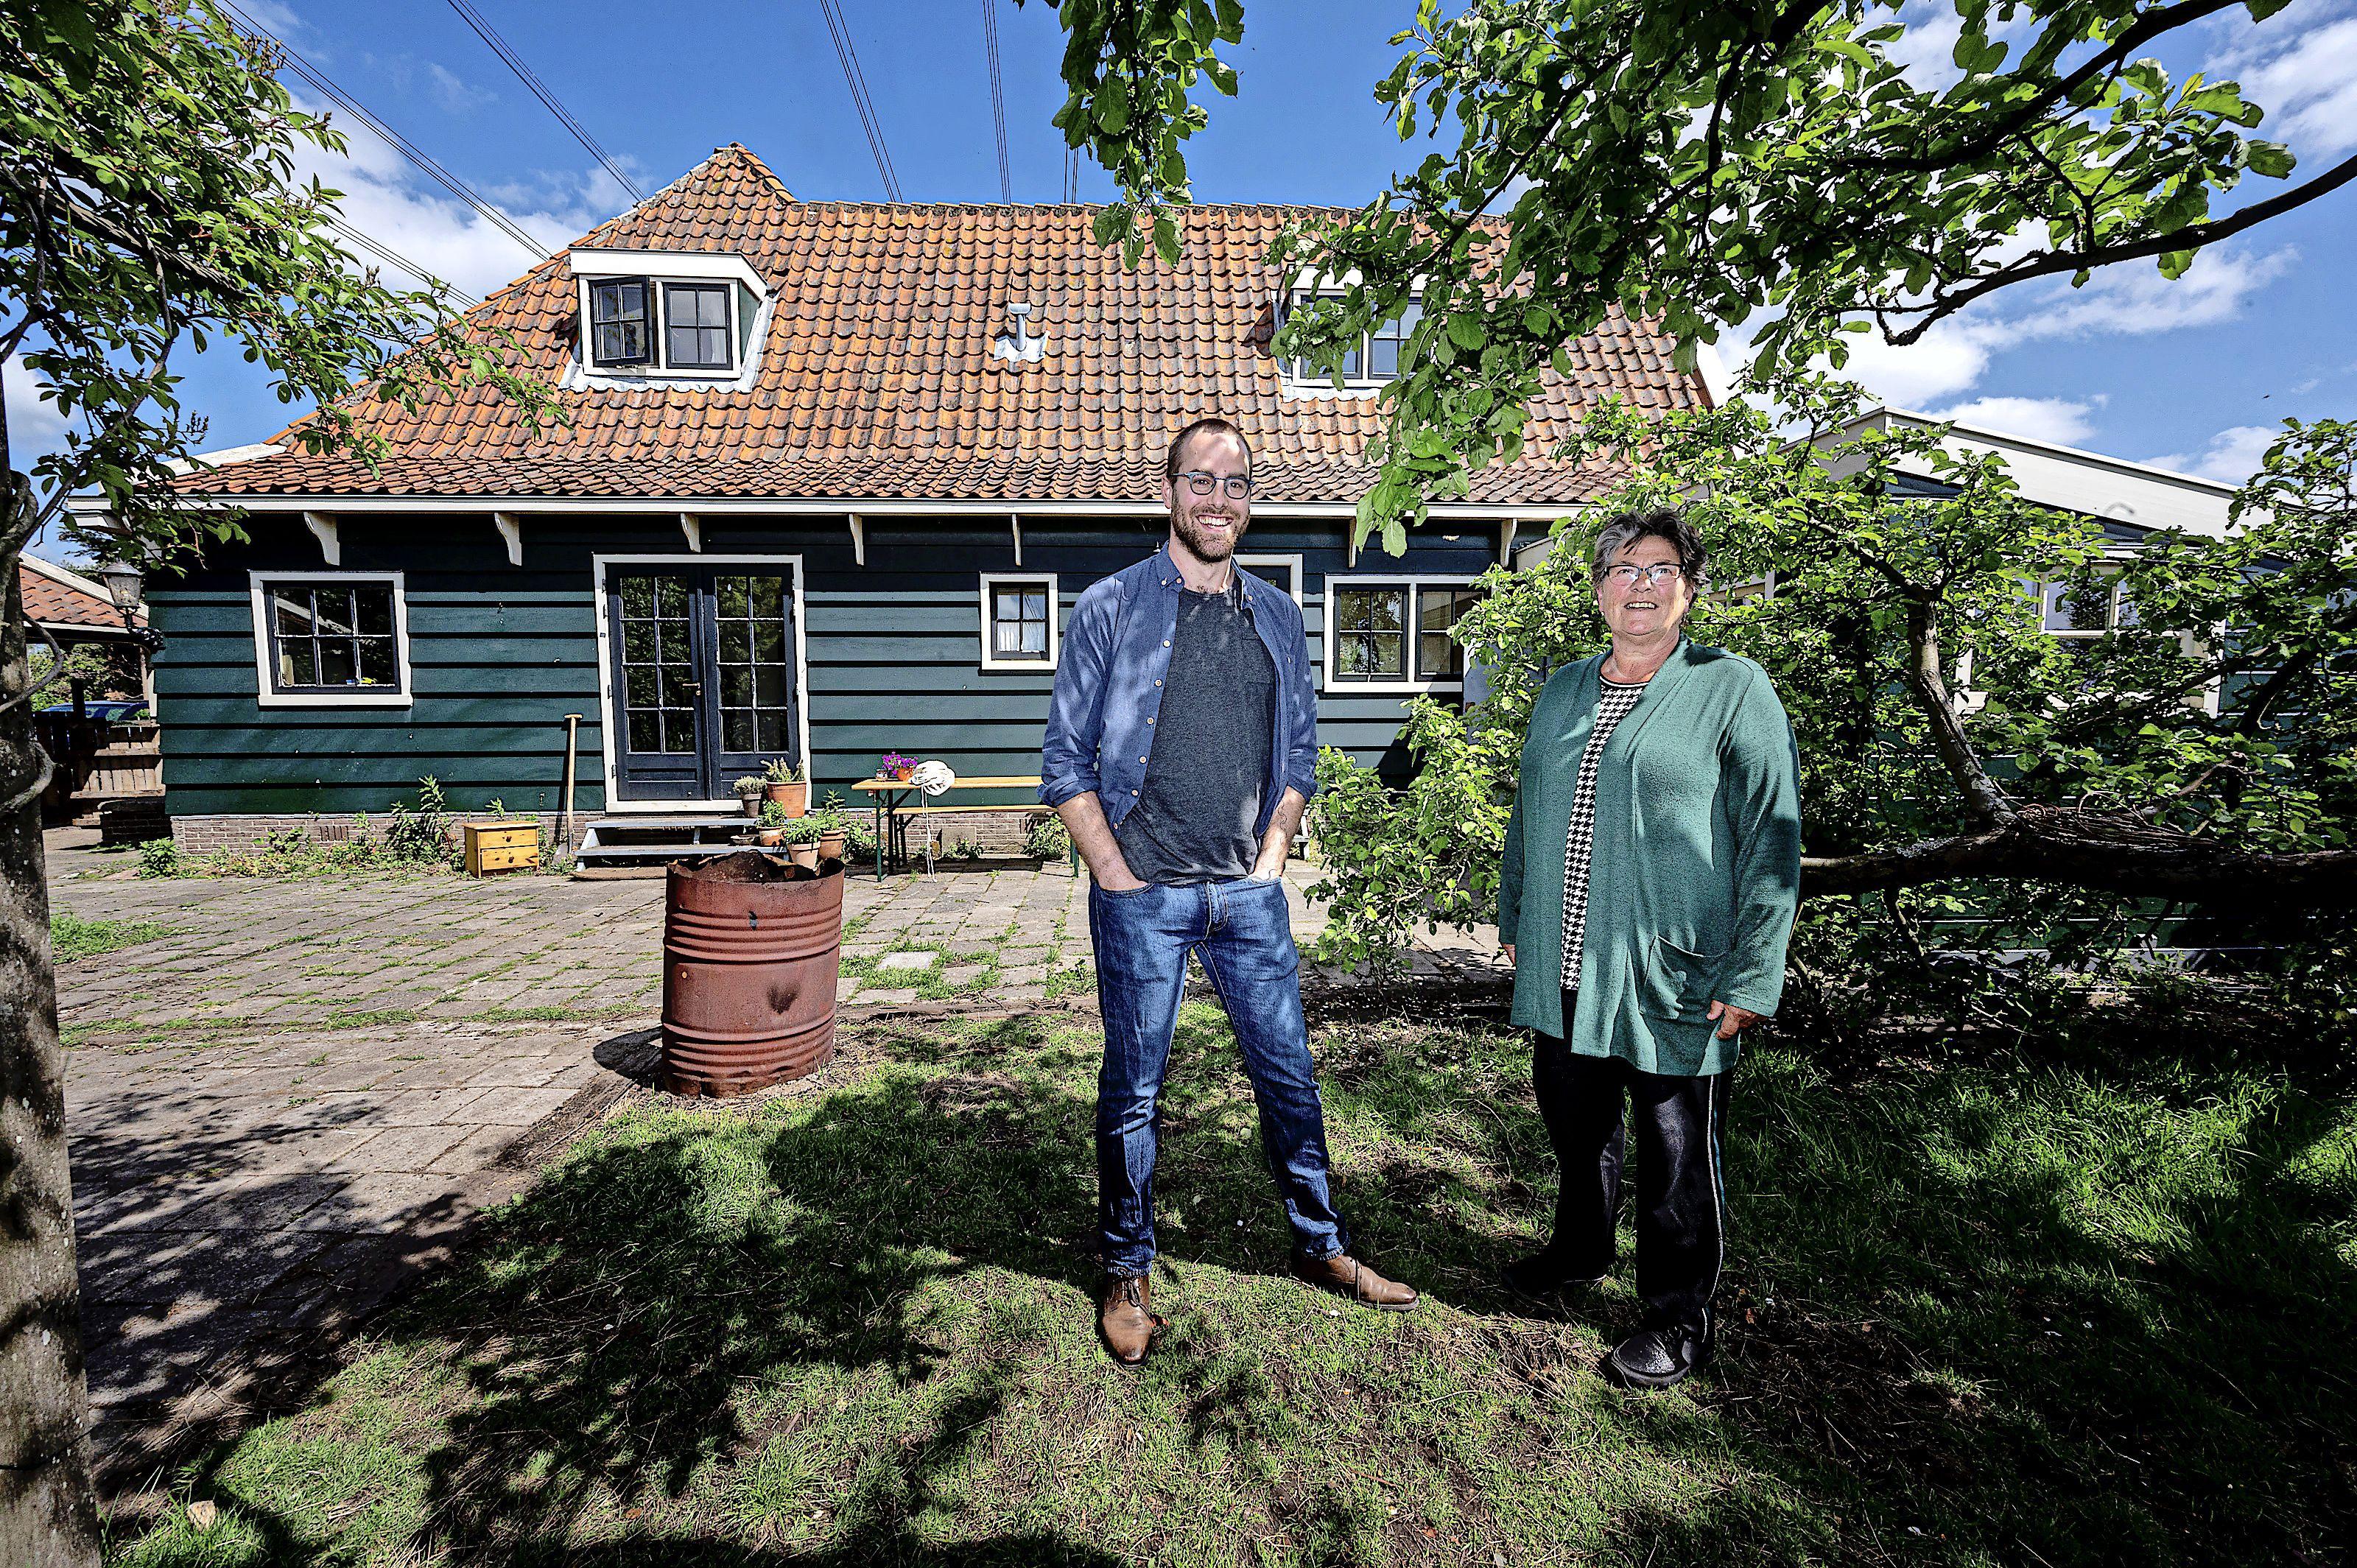 Bruinrot houdt voor Jongwijs de deuren dicht deze zomer. Wel binnenkijken, proeverij en diner op Dag van Westzaan in september